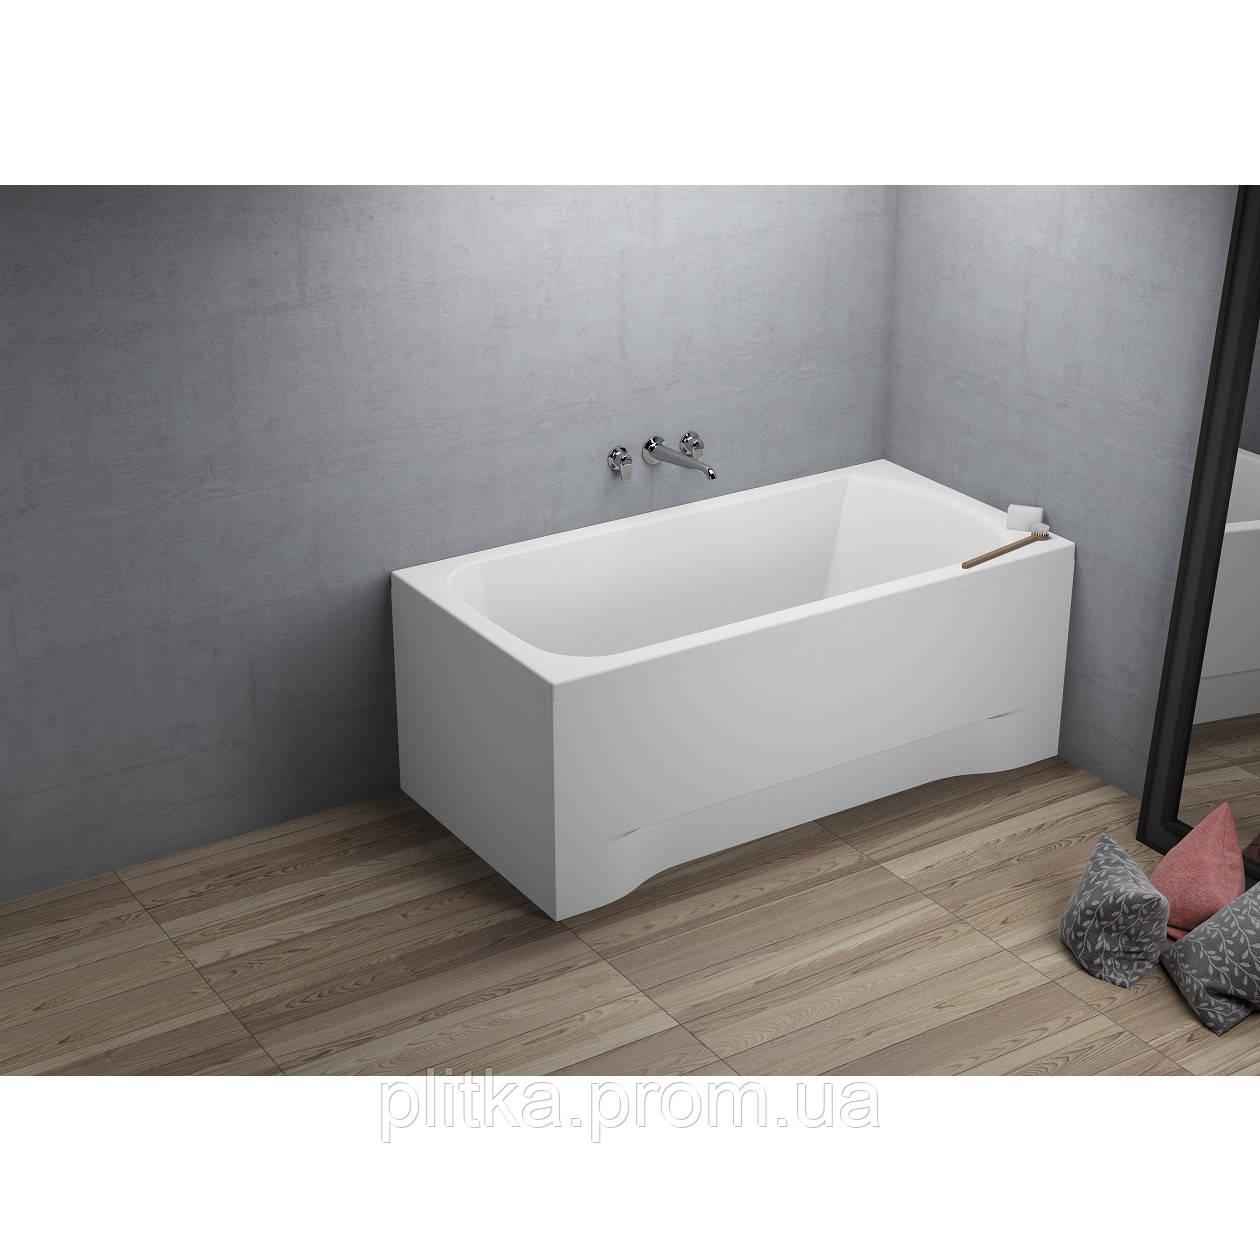 Ванна прямоугольная CLASSIC 160x70